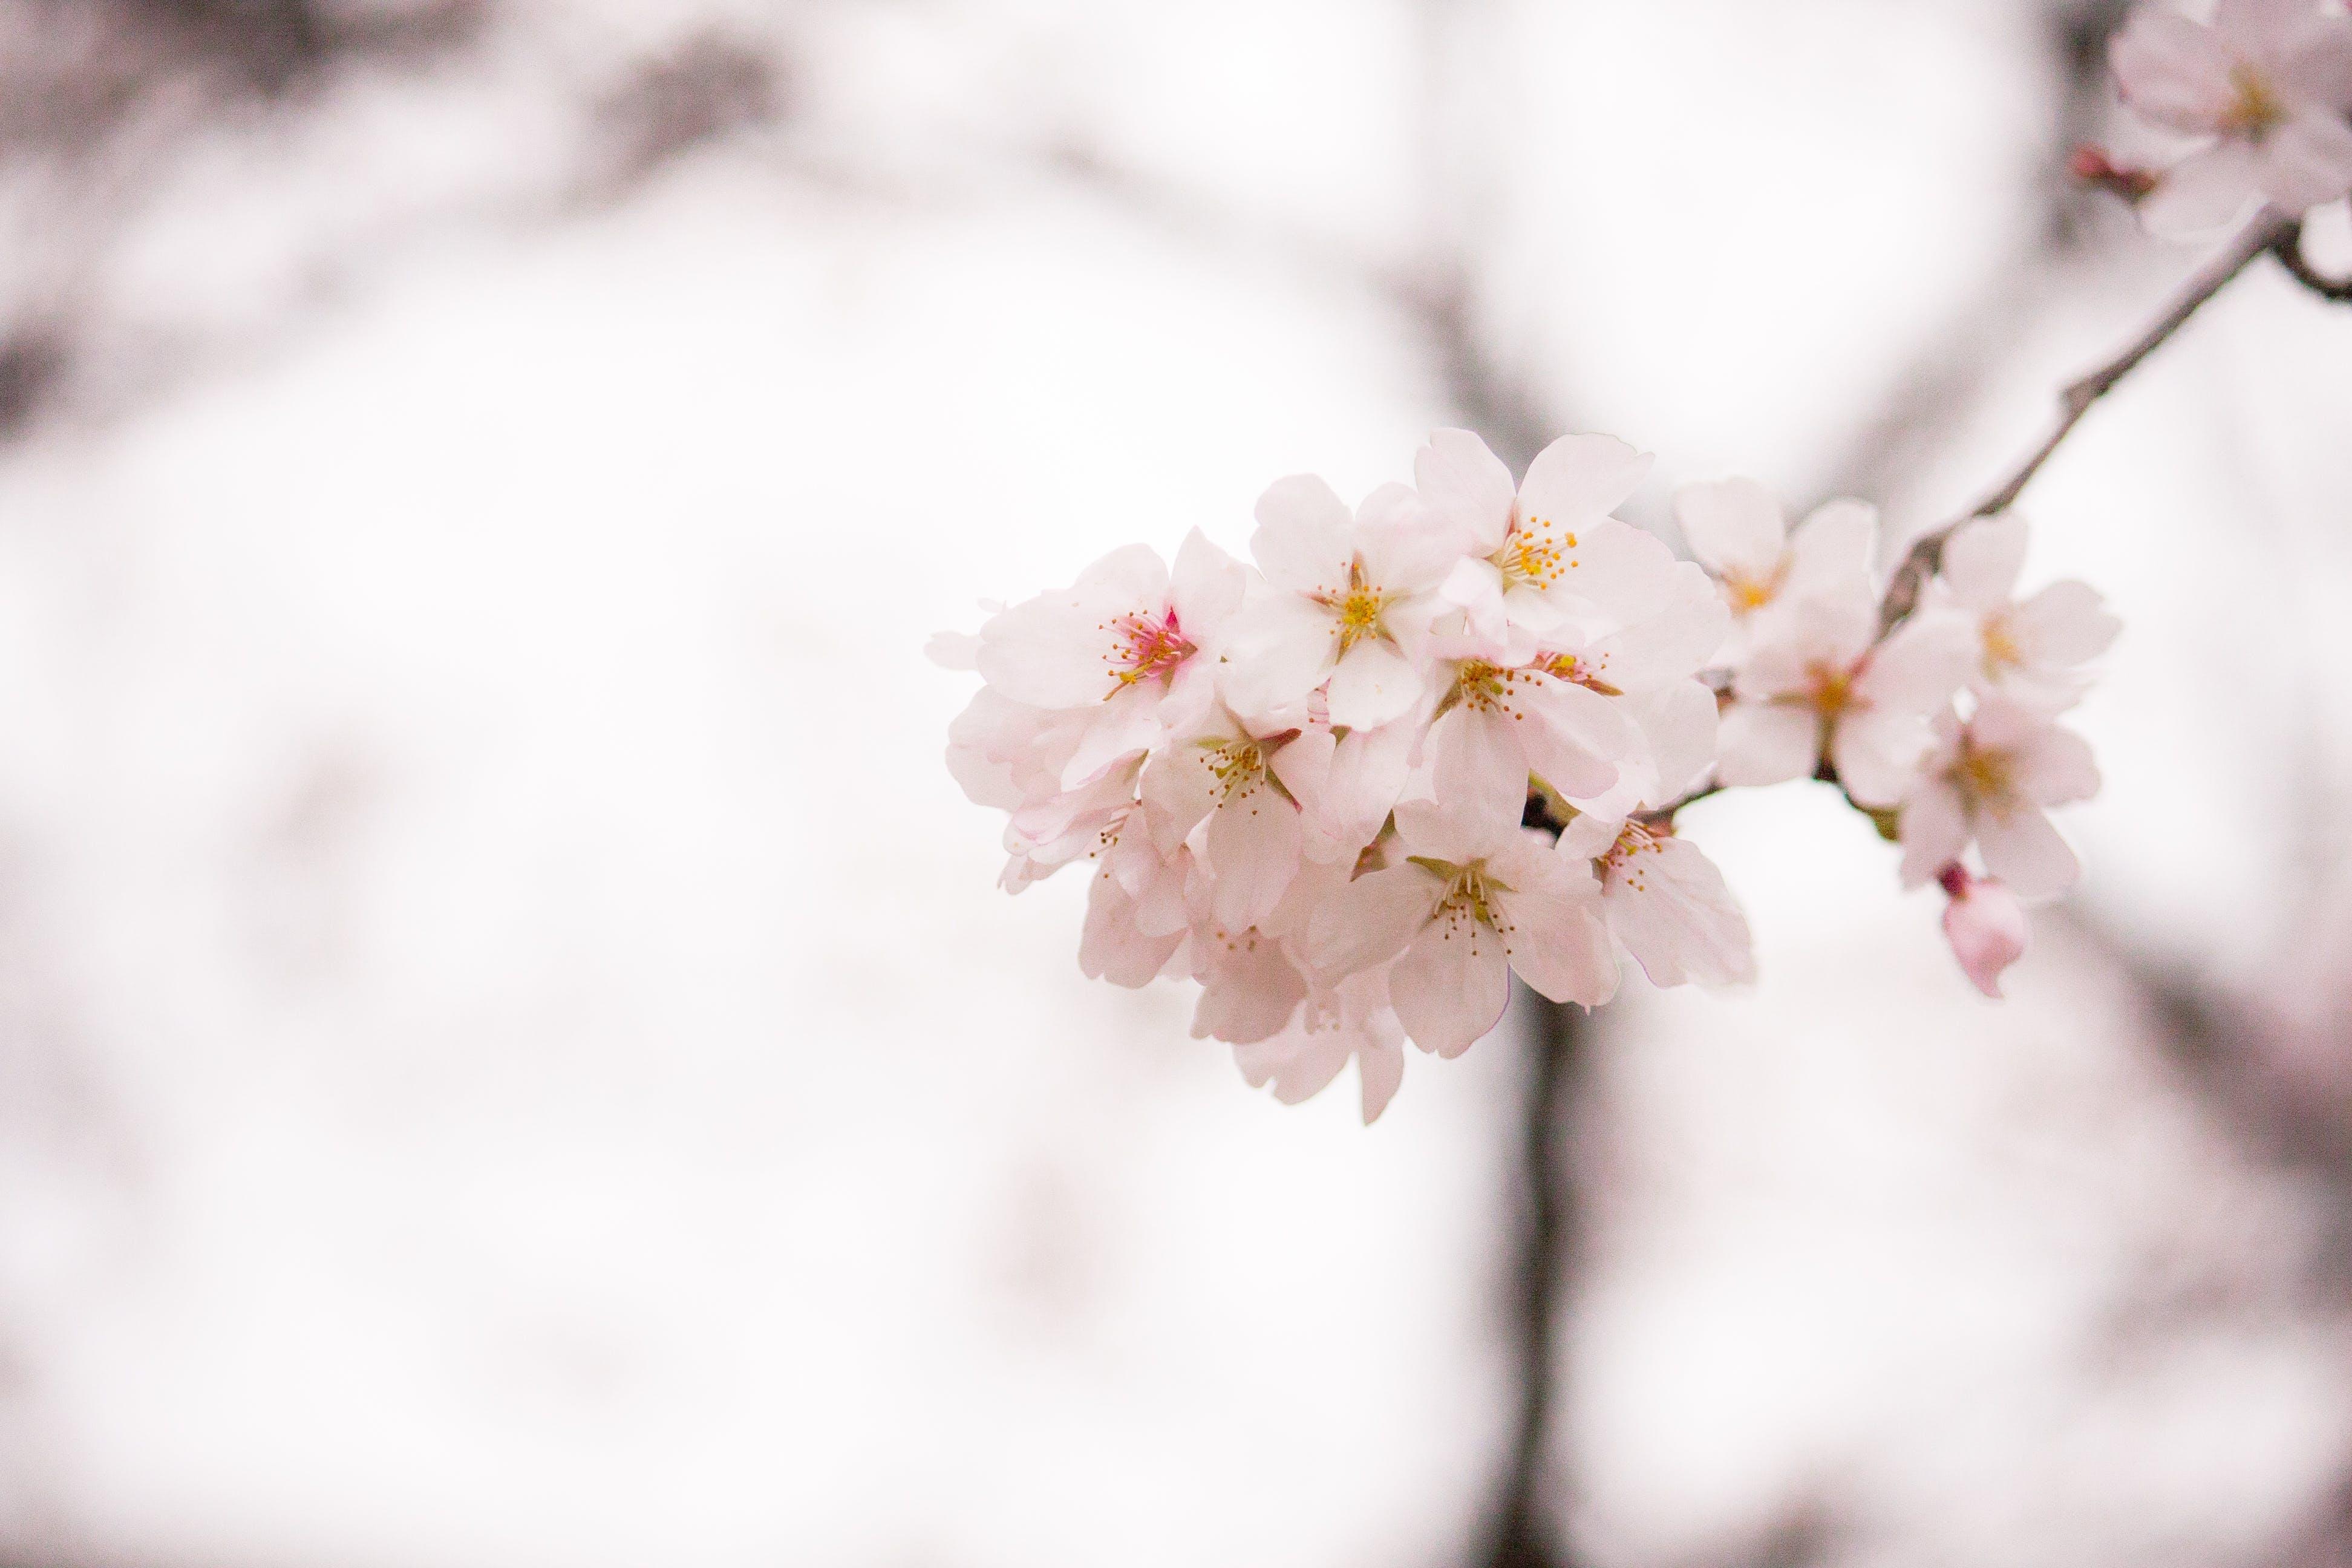 คลังภาพถ่ายฟรี ของ กลีบดอก, การเจริญเติบโต, กำลังบาน, กิ่งไม้